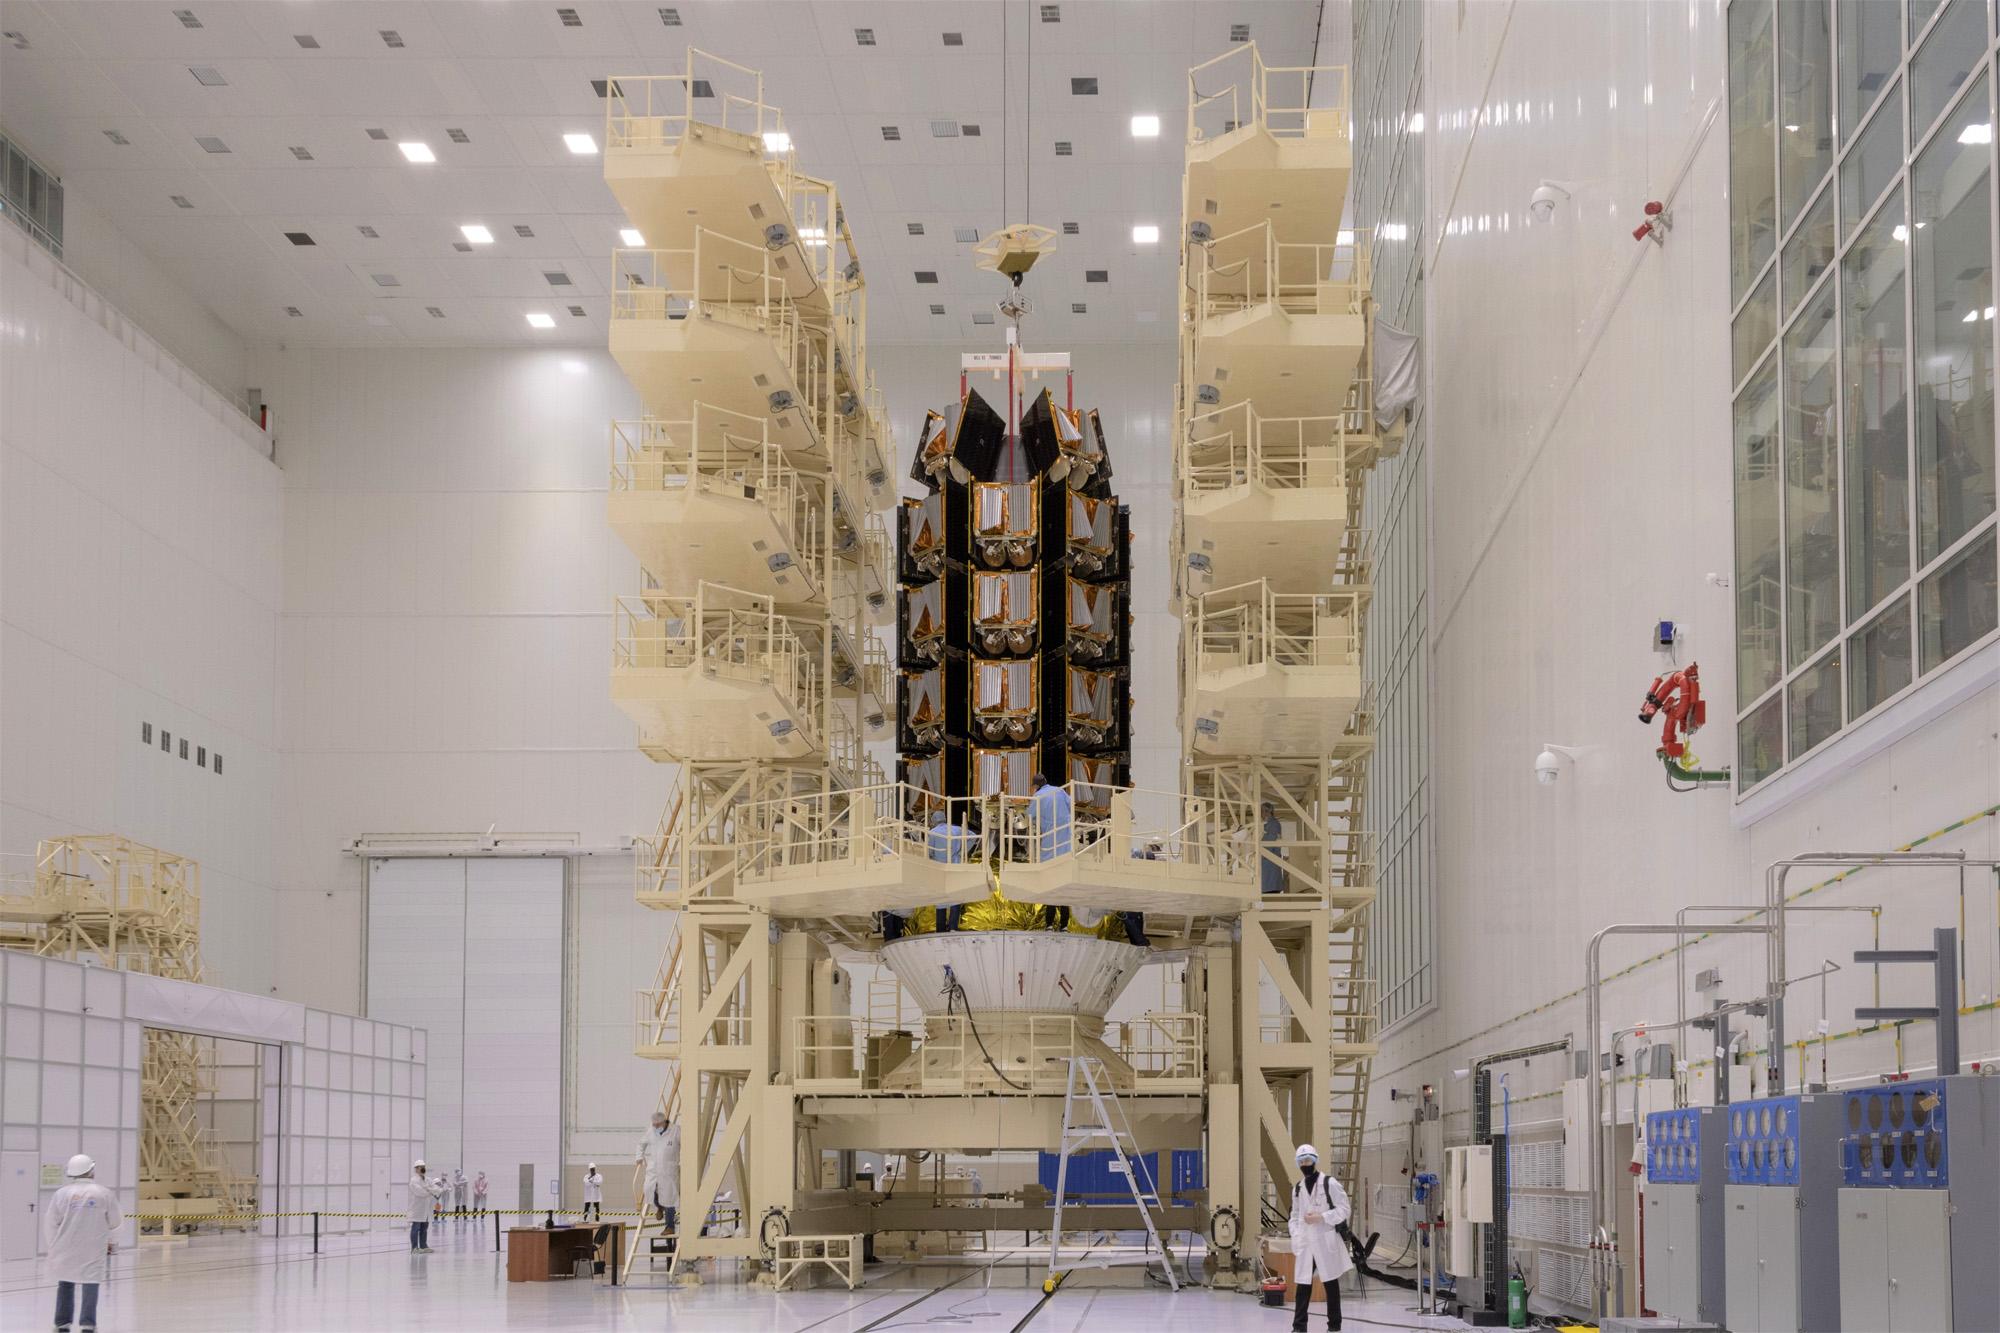 Cette image d'Arianespace montre comment les 36 satellites Internet de OneWeb sont empilés pour être lancés sur une fusée Soyouz avant le décollage du 24 mars 2021.